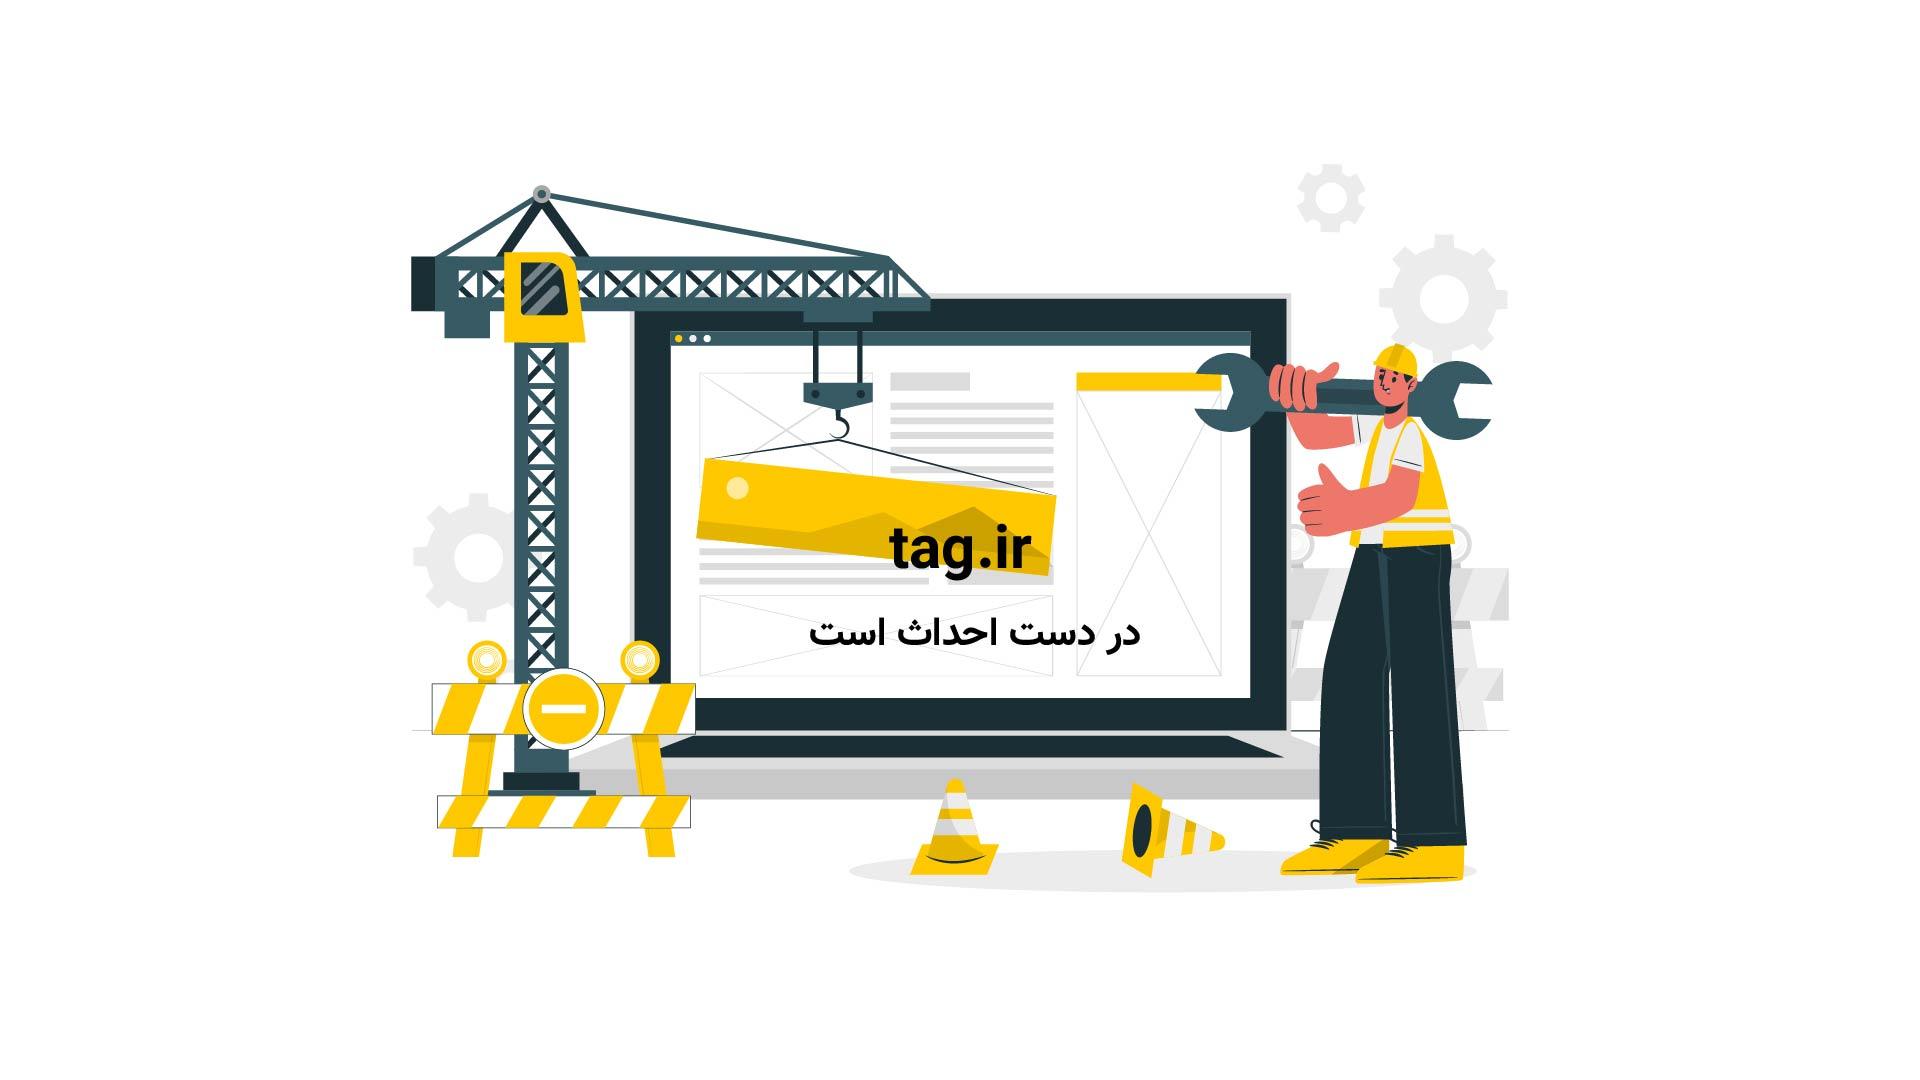 خلاصه بازی بسکتبال لس آنجلس لیکرز ۹۵ – ۱۳۴ هیوستن راکتس | فیلم